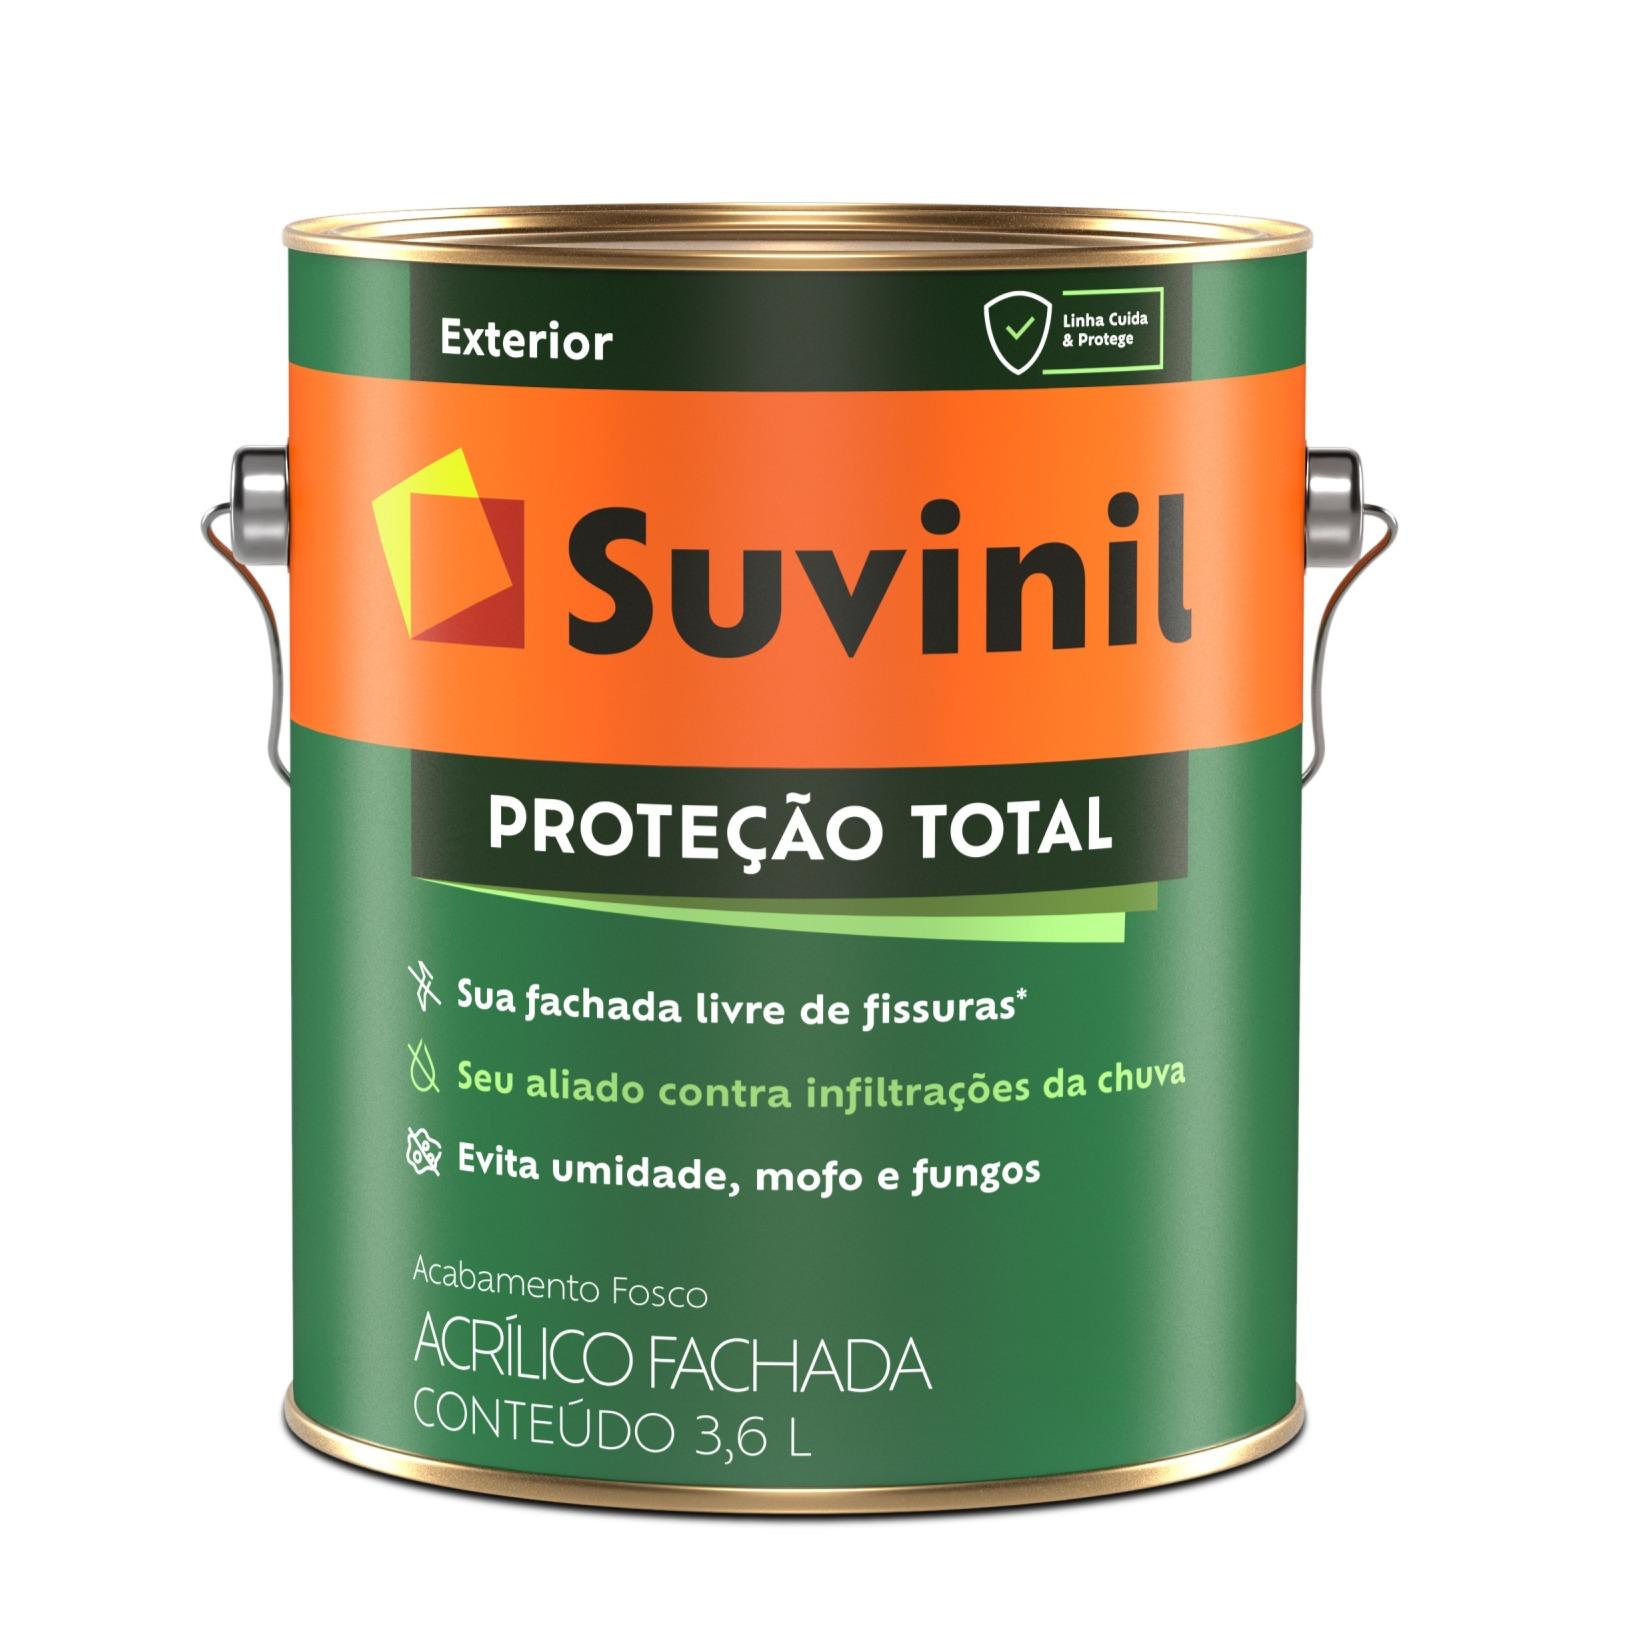 Tinta Acrilica Fosco Premium 36L - Branco Neve - Protecao Total Suvinil